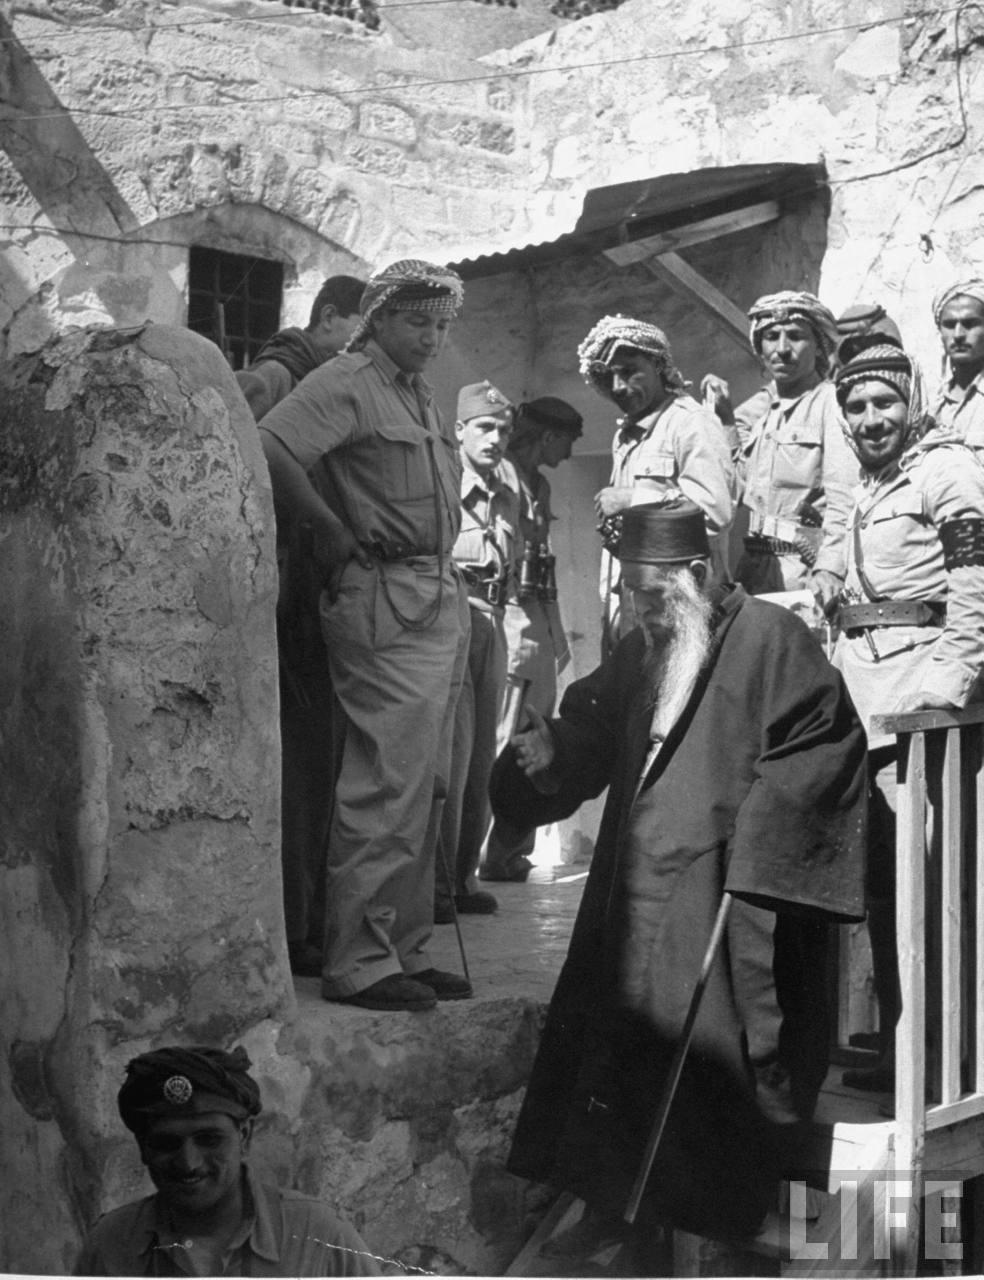 Сефардский раввин обсуждает условия сдачи еврейского квартала в Иерусалиме с солдатами арабского легиона. Июнь